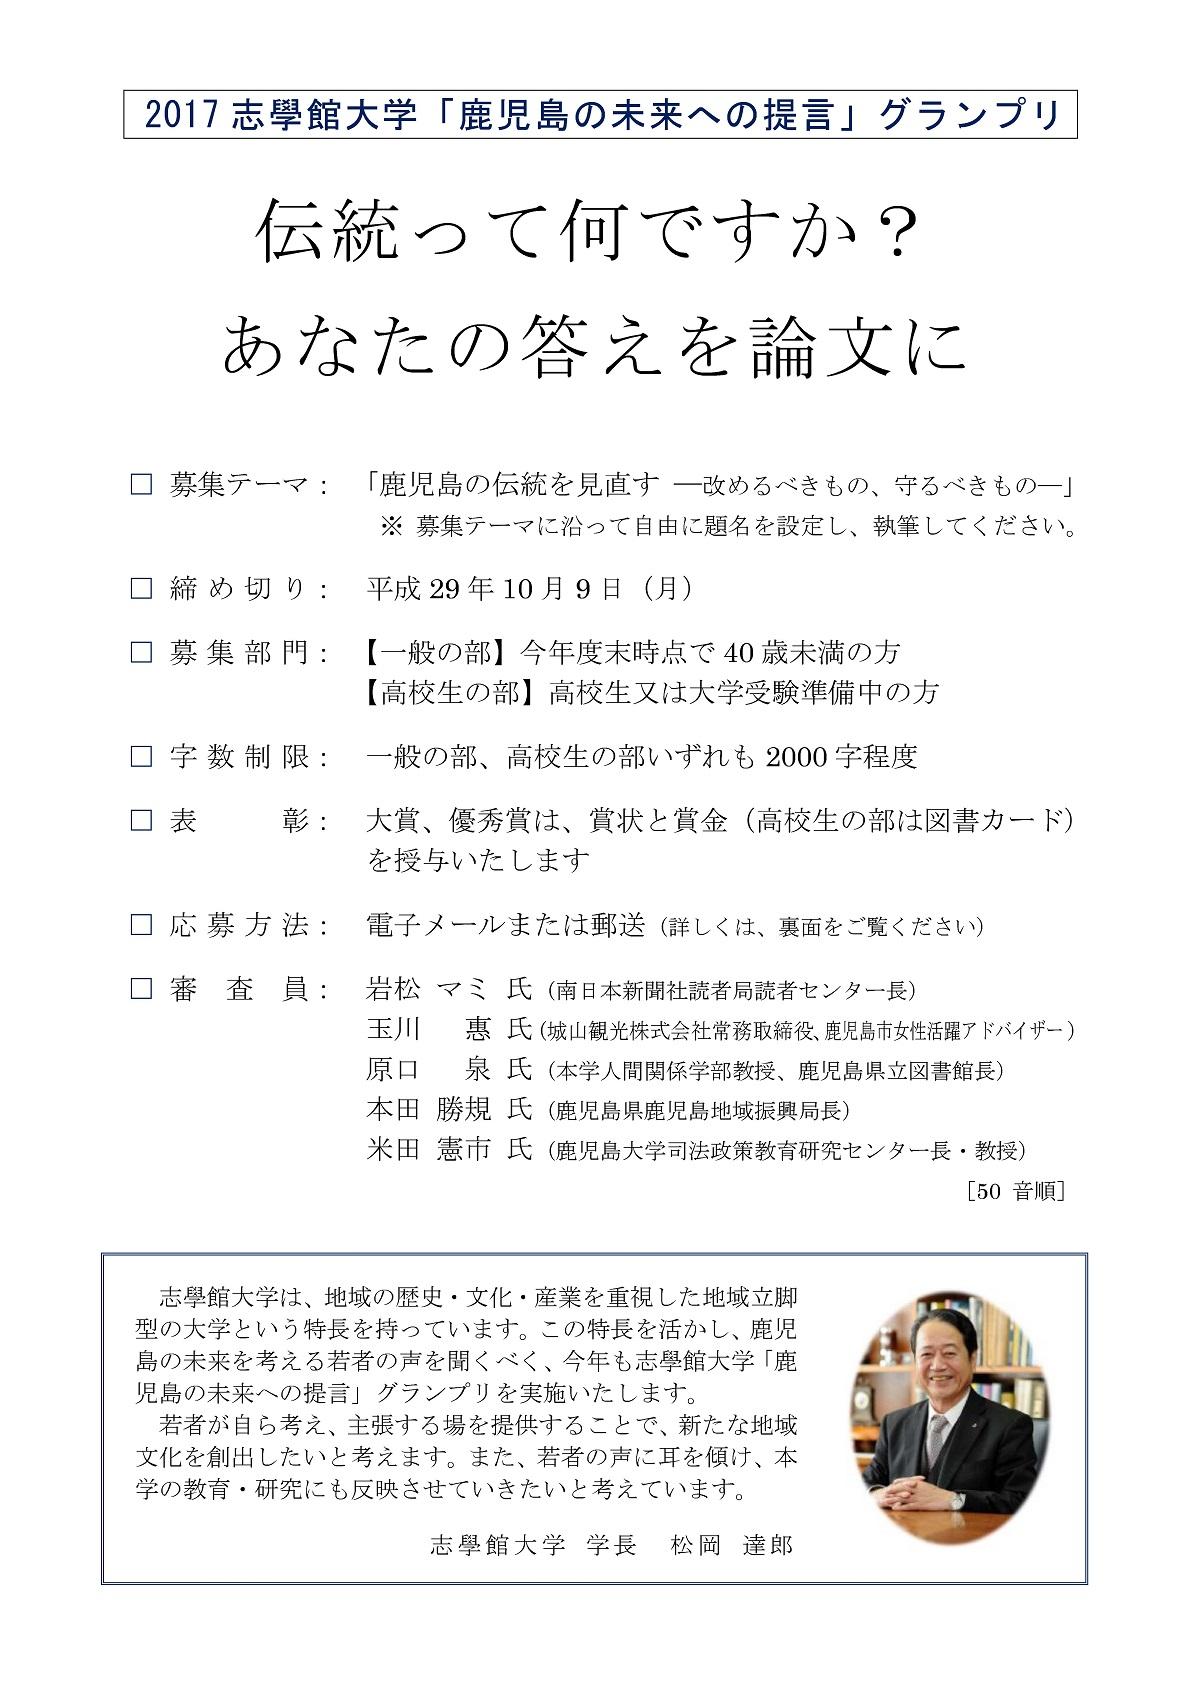 2017論文賞_審査員名入り(HP用).jpg